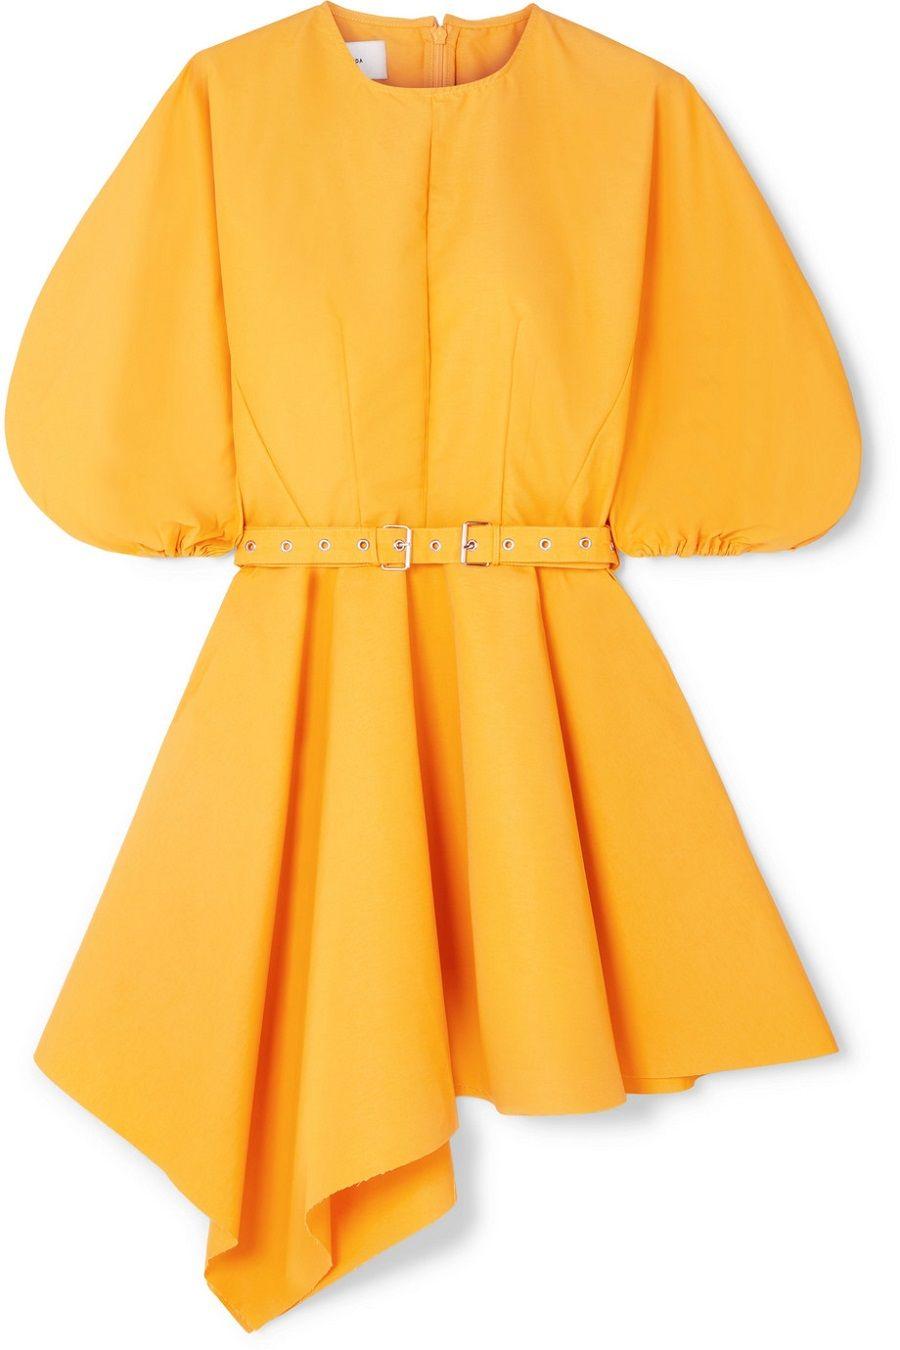 5 Dress Potongan Asimetris yang Chic Maksimal